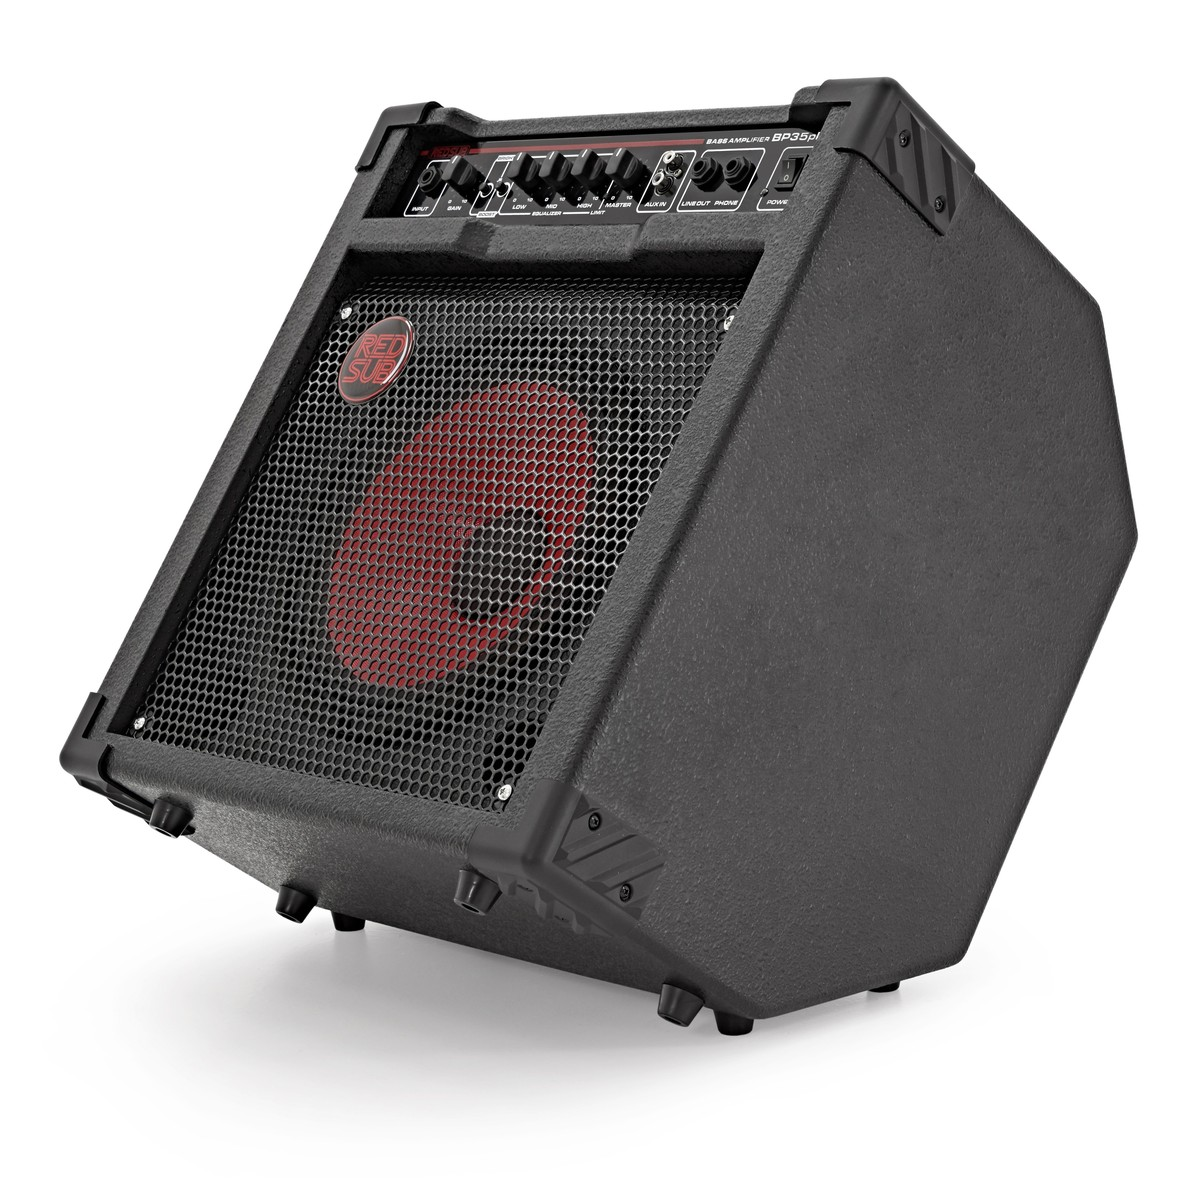 Bass Guitar W Amp : redsub bp35plus 35w bass guitar amplifier at gear4music ~ Hamham.info Haus und Dekorationen